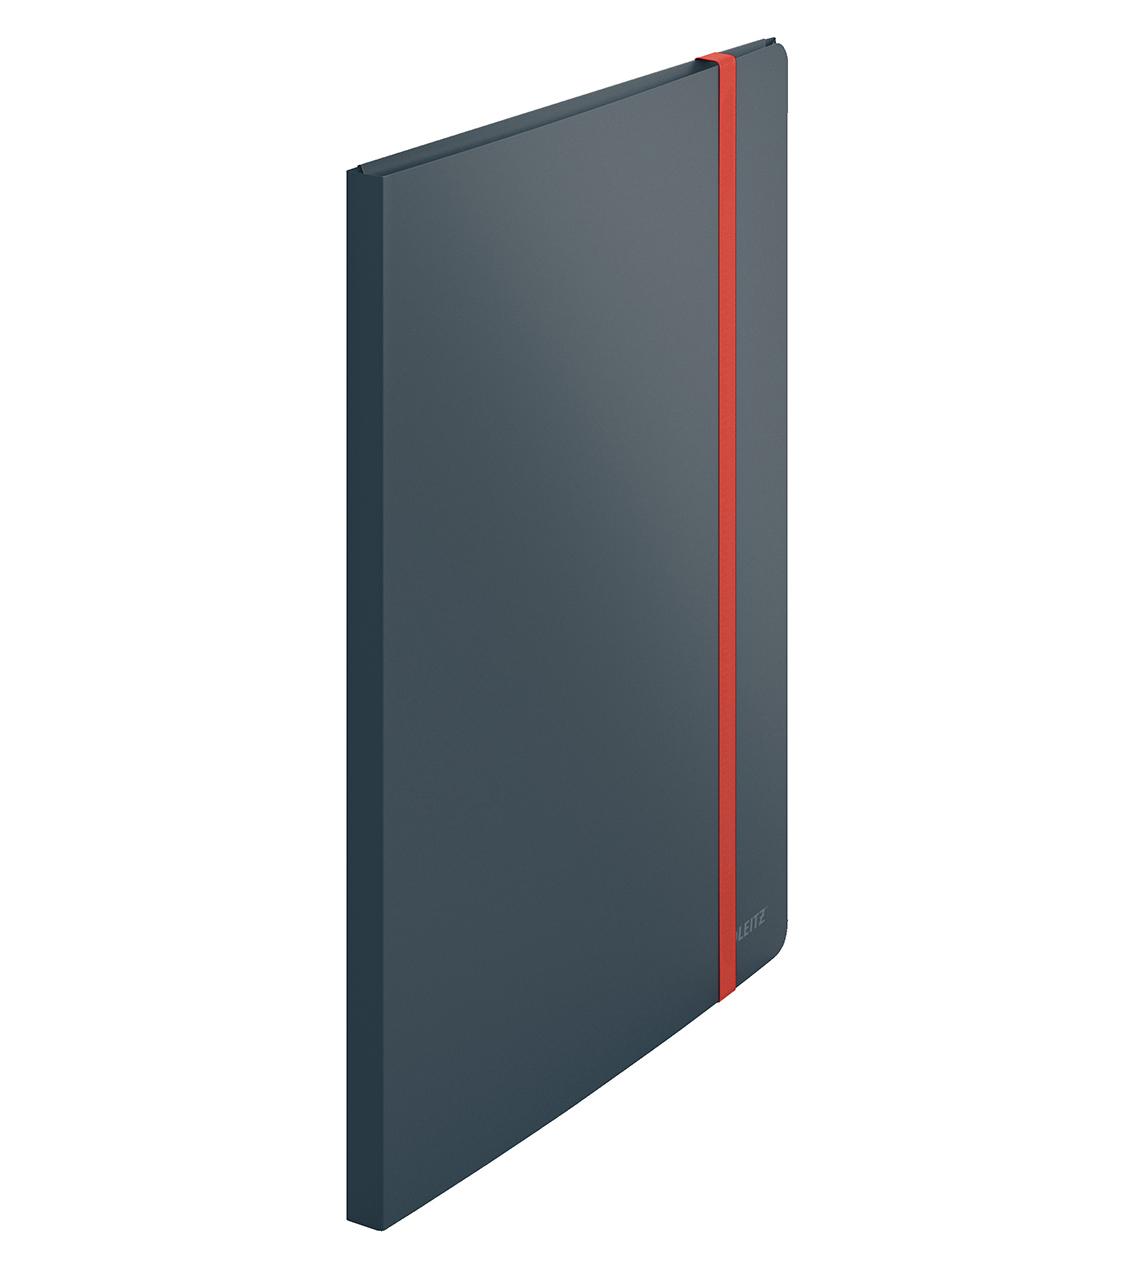 Папка на 20 файлов COSY с тремя клапанами на резинке, серый LEITZ - фото 1